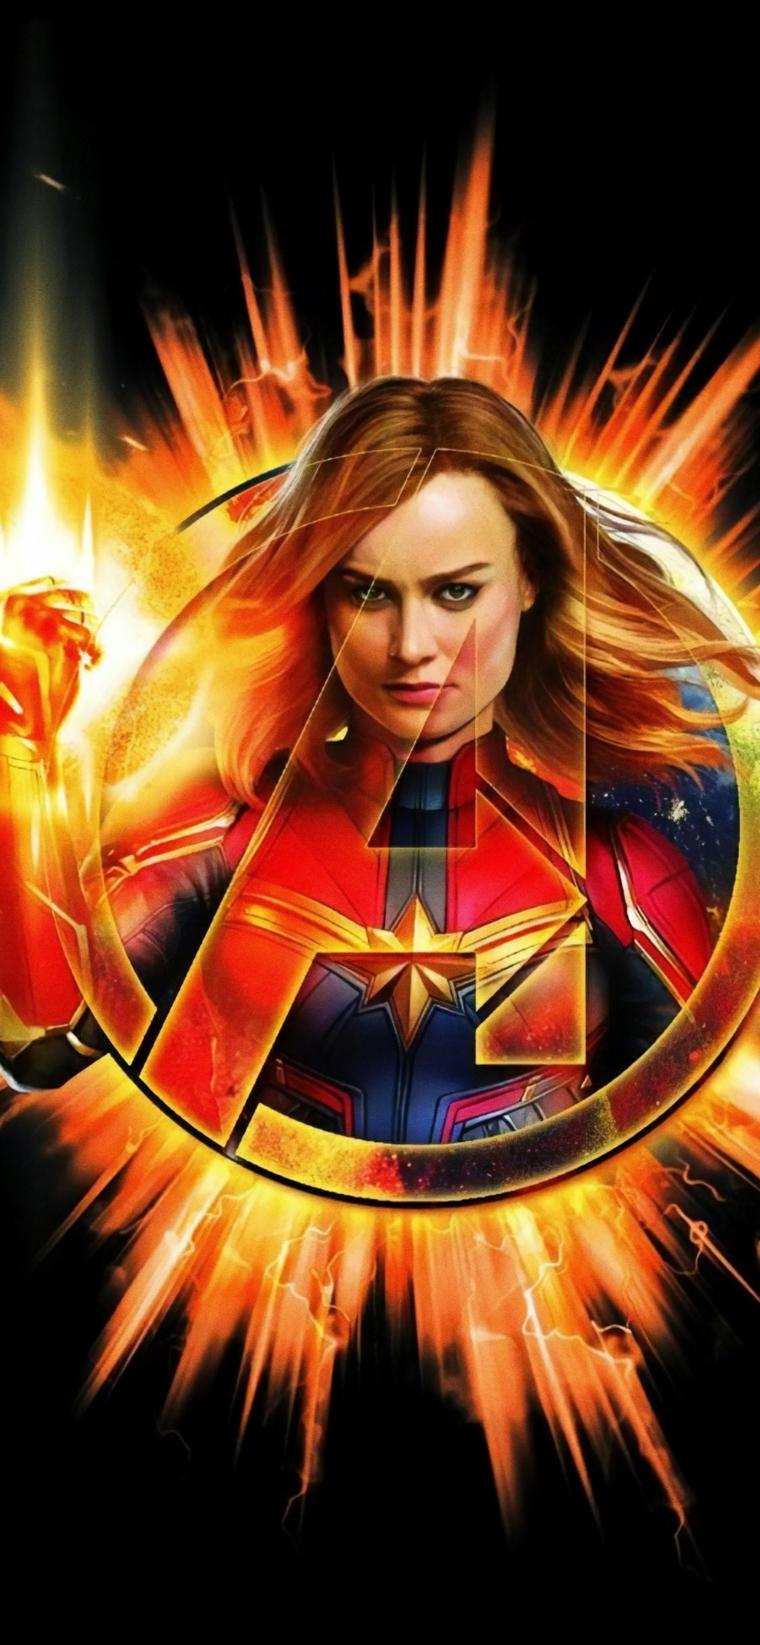 Foto di Capitan Marvel degli Avengers, immagine per lo schermo del telefono